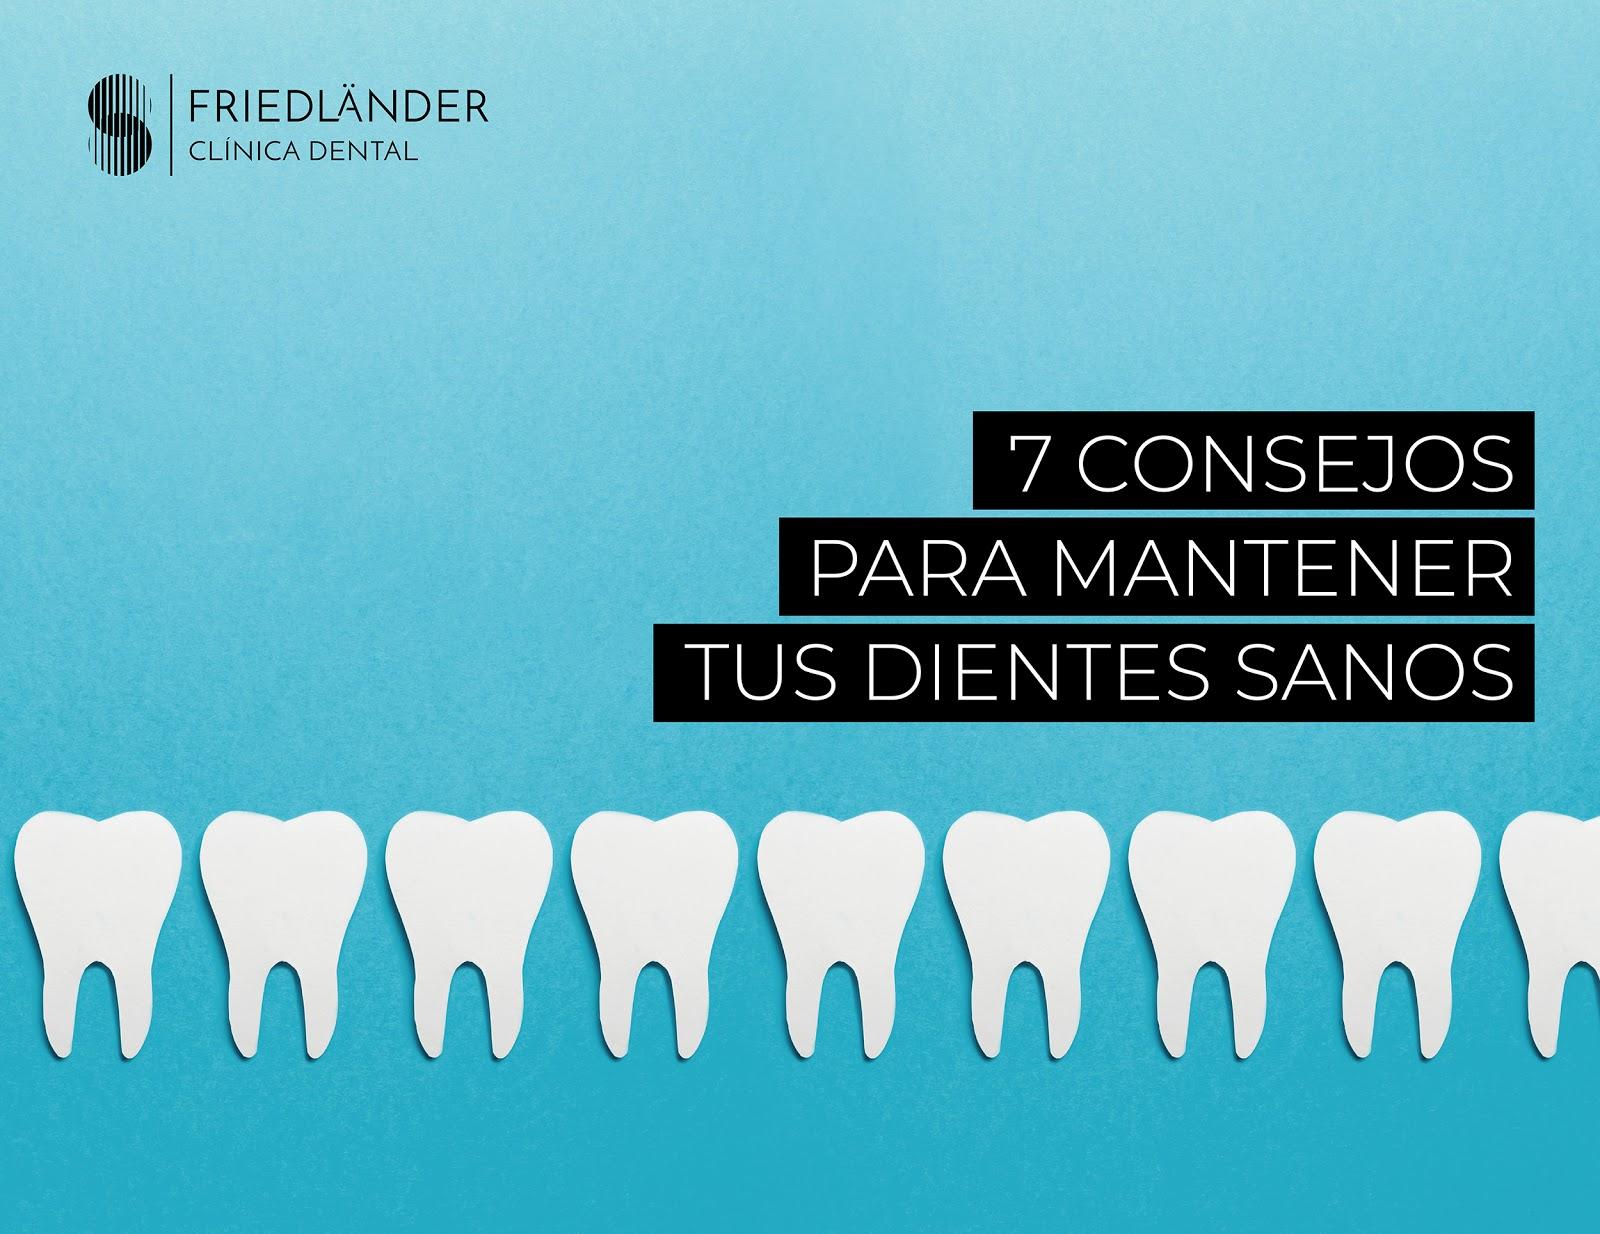 7 consejos para mantener tus dientes sanos y limpios. 12